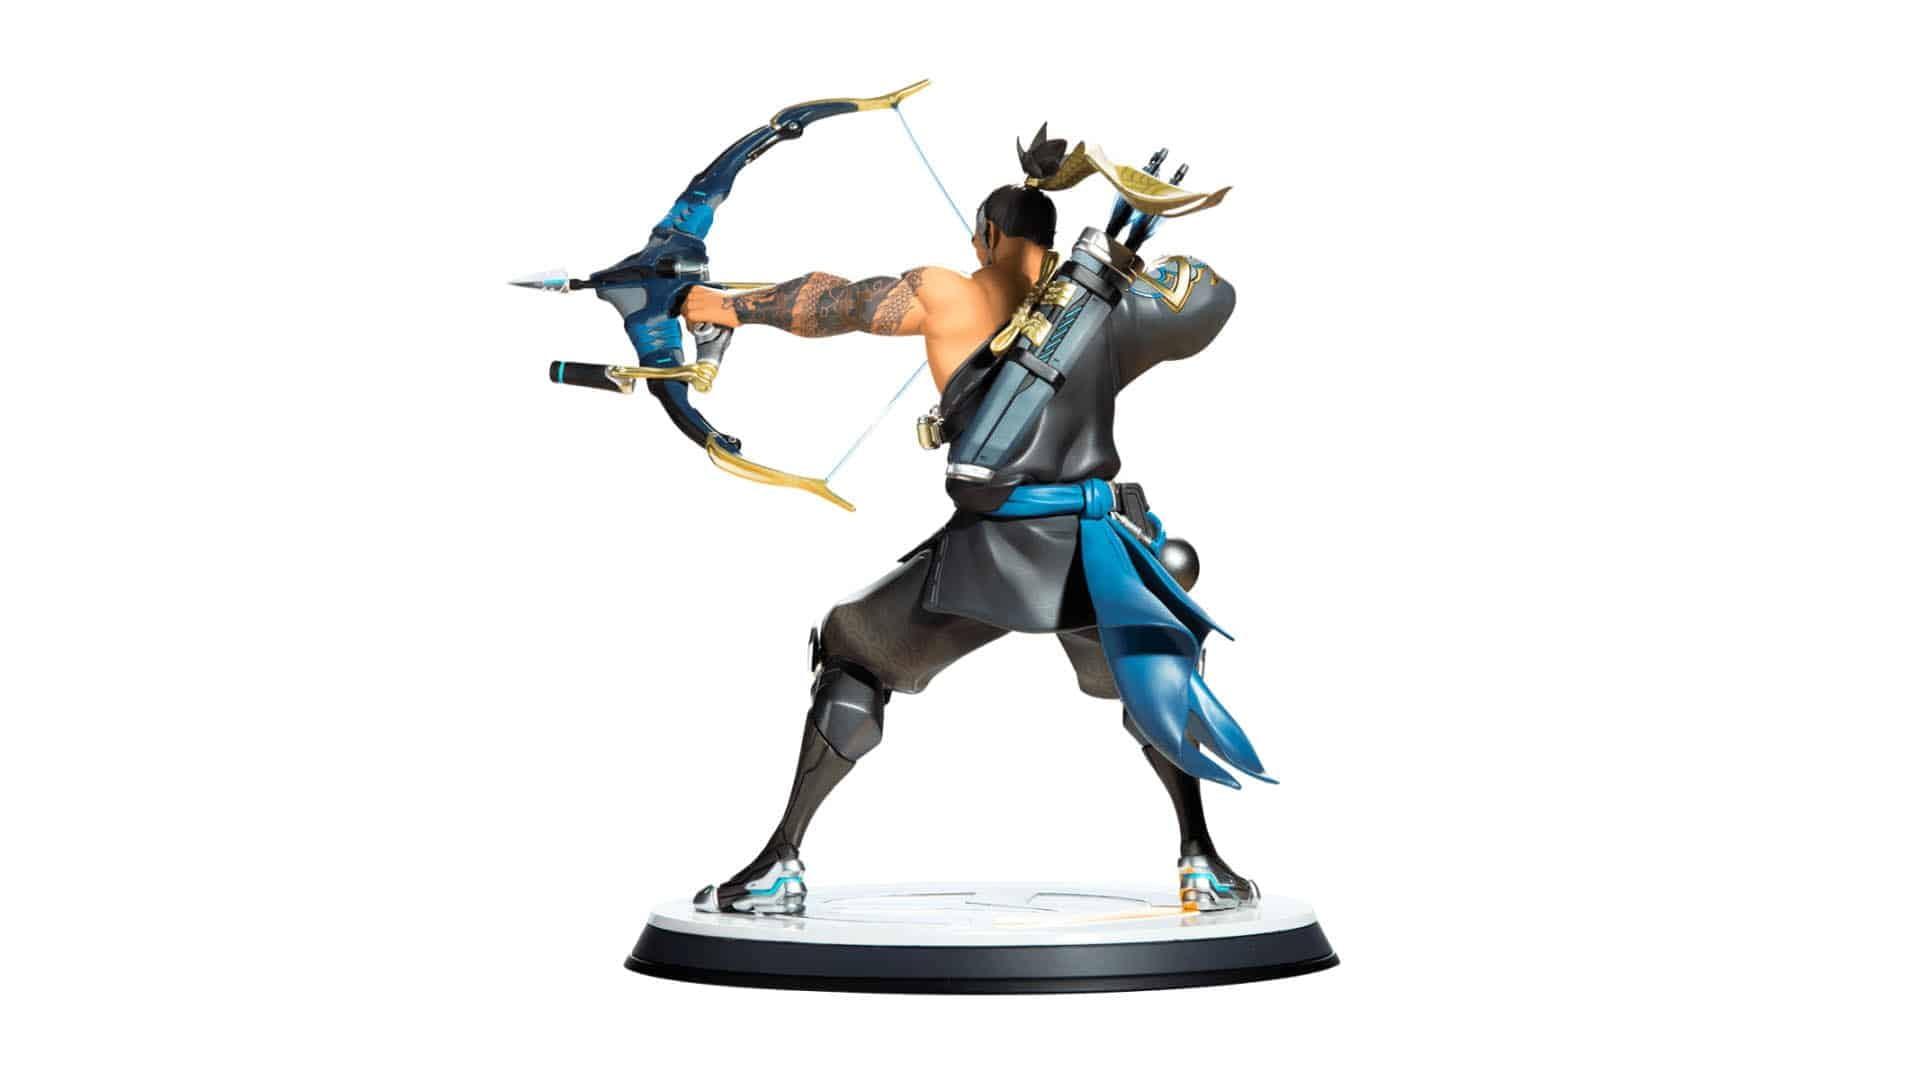 Blizzard Overwatch Hanzo Statue 6